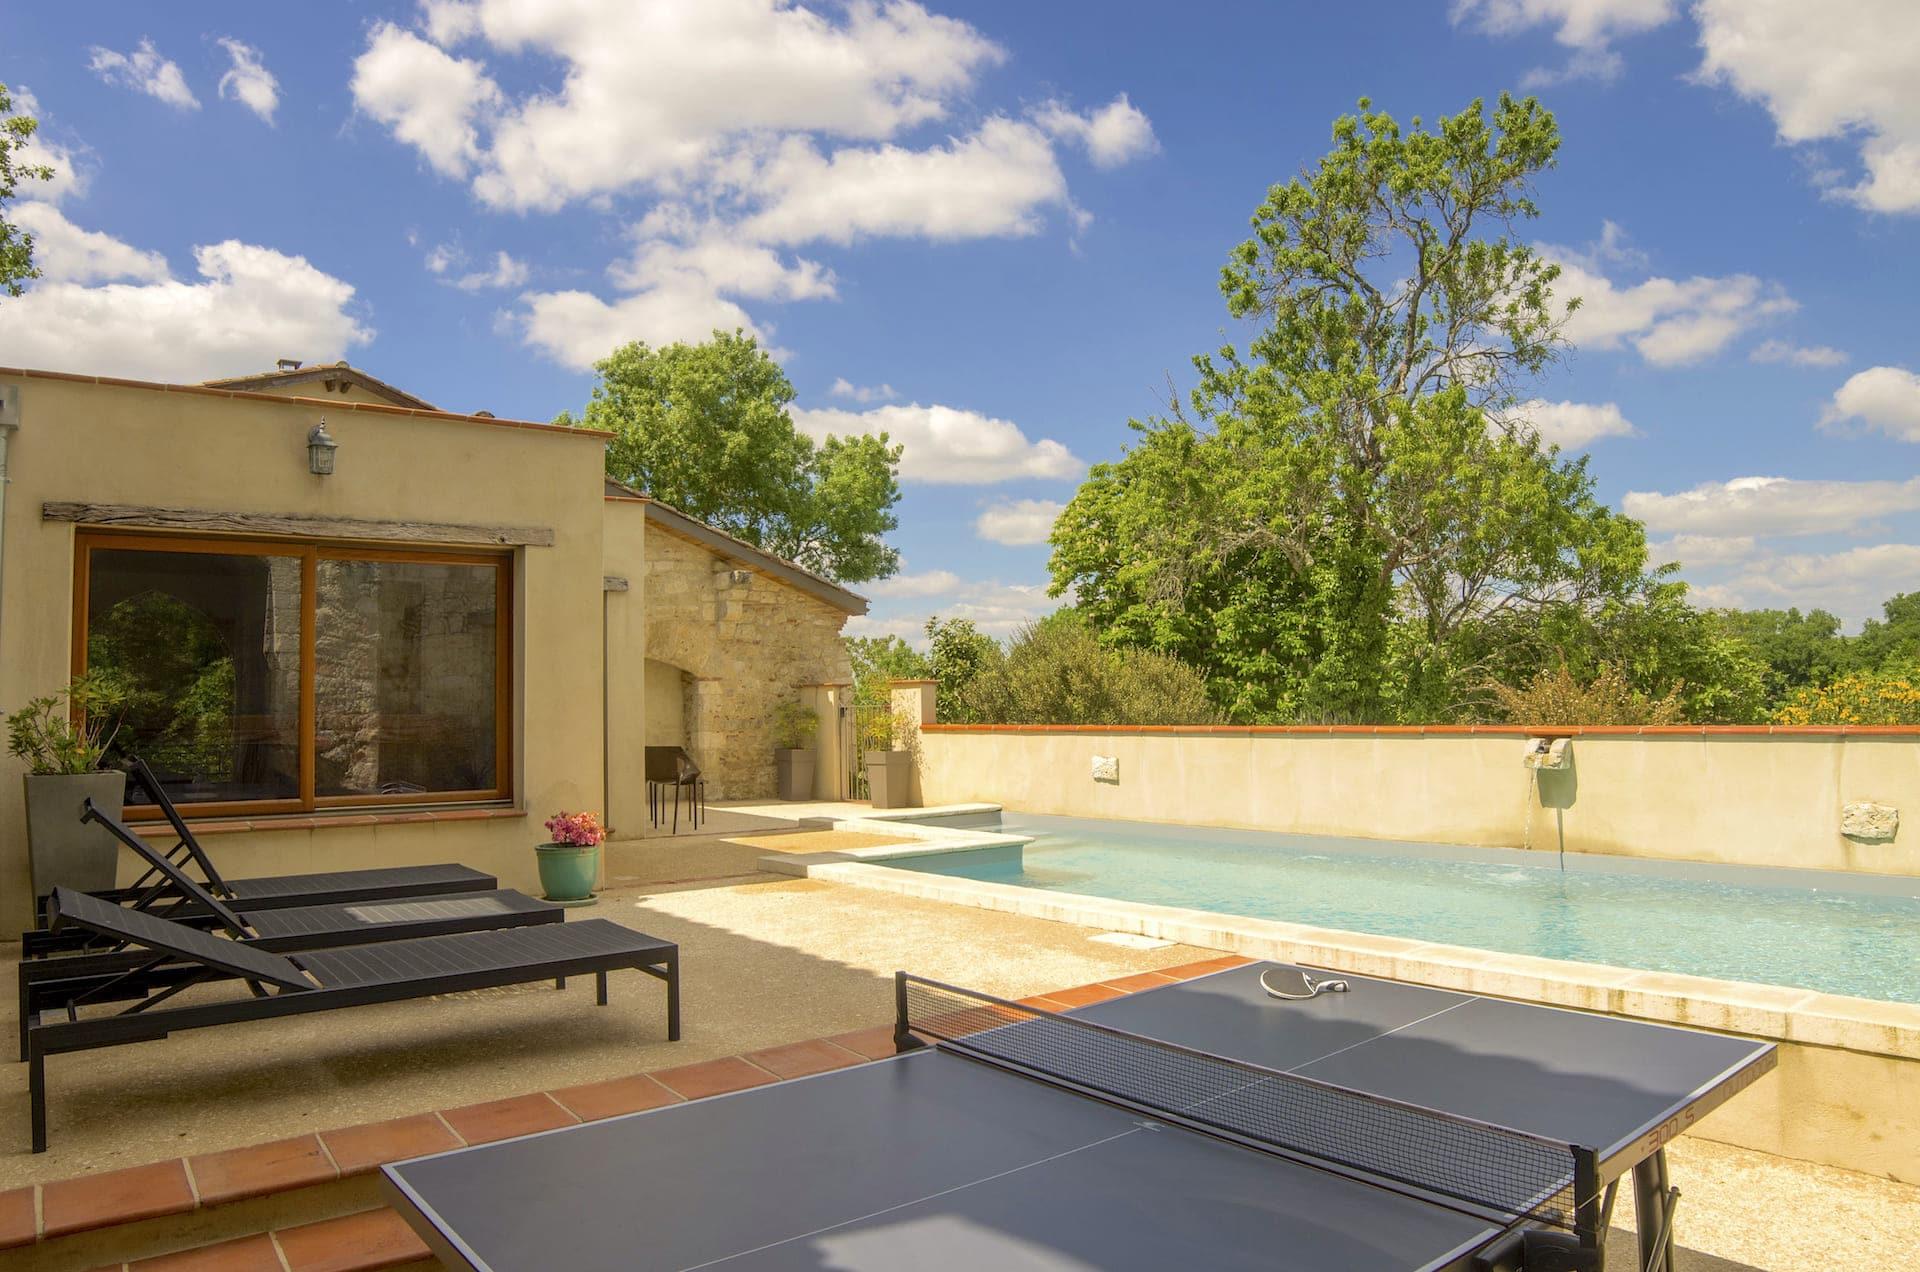 table de ping pong près de la piscine chauffée de mai à septembre